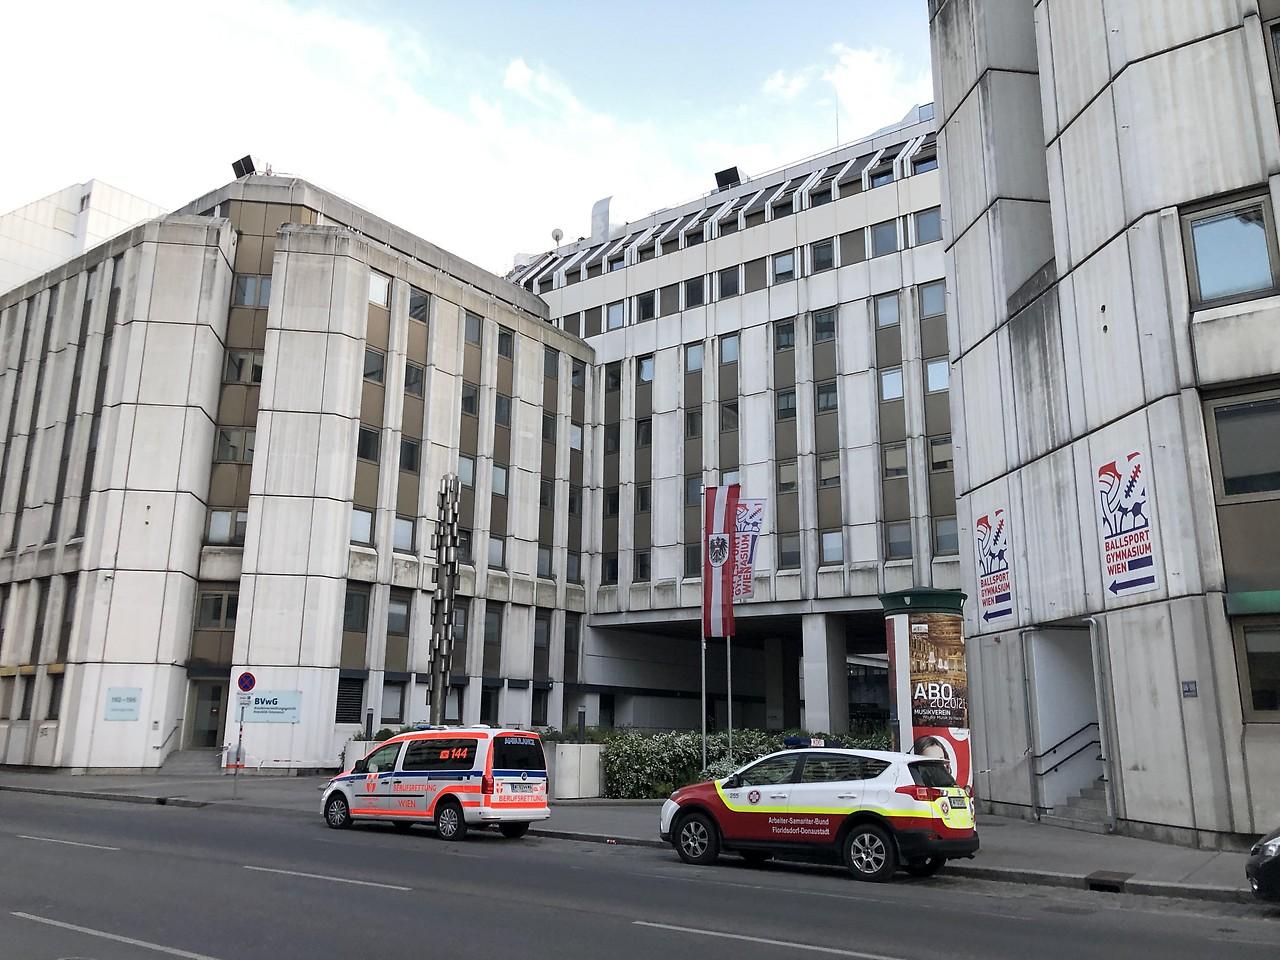 21 CoV-Infektionen in Heim für Asylwerber - wien.ORF.at